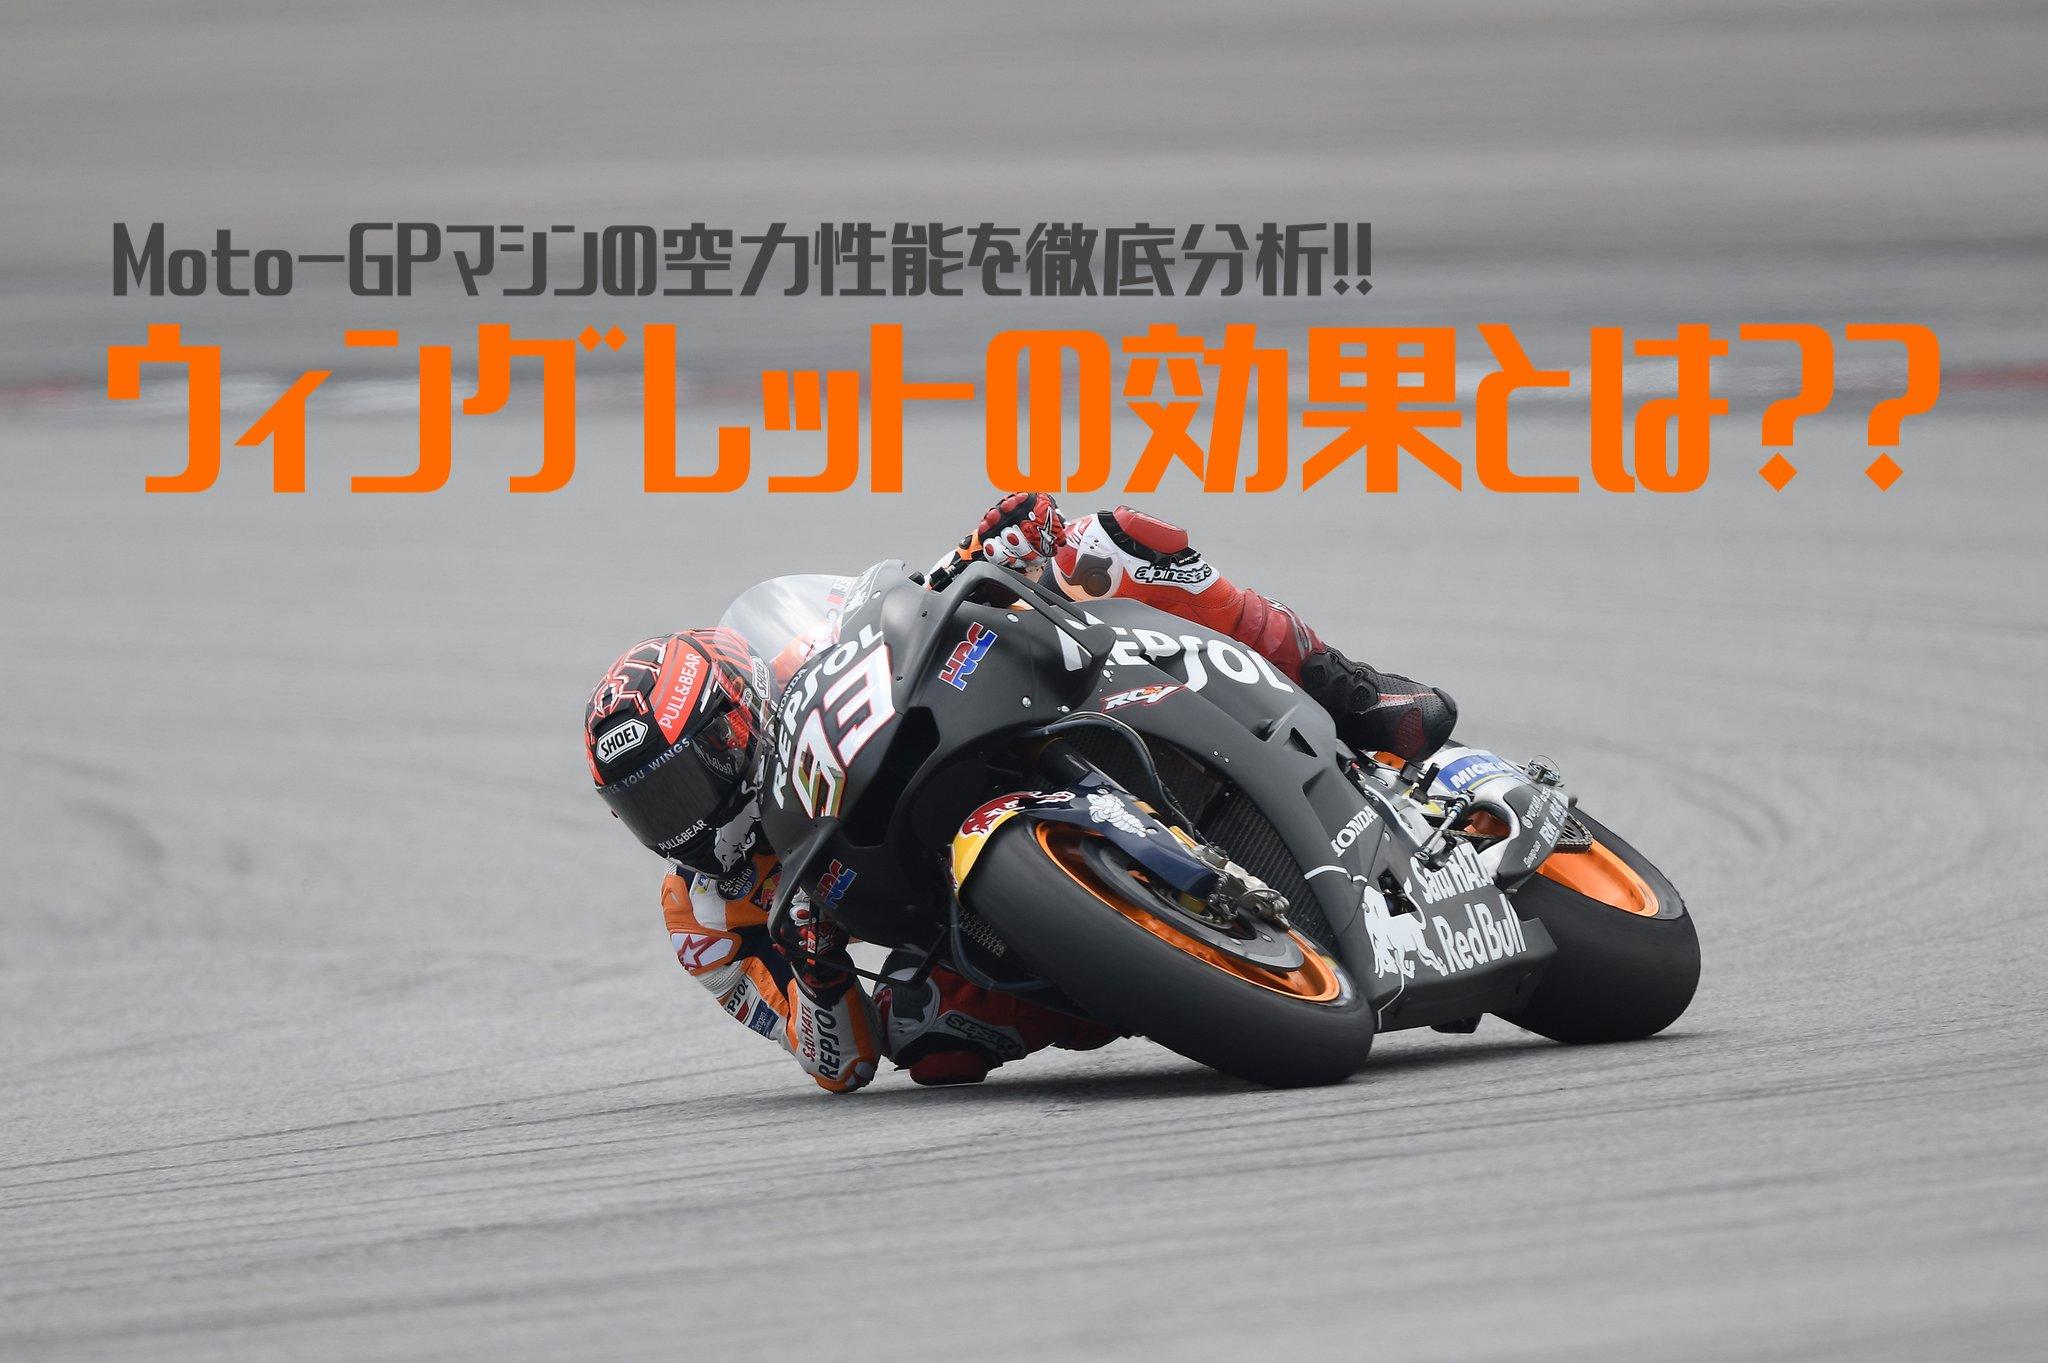 MotoGPマシンのウィングレット